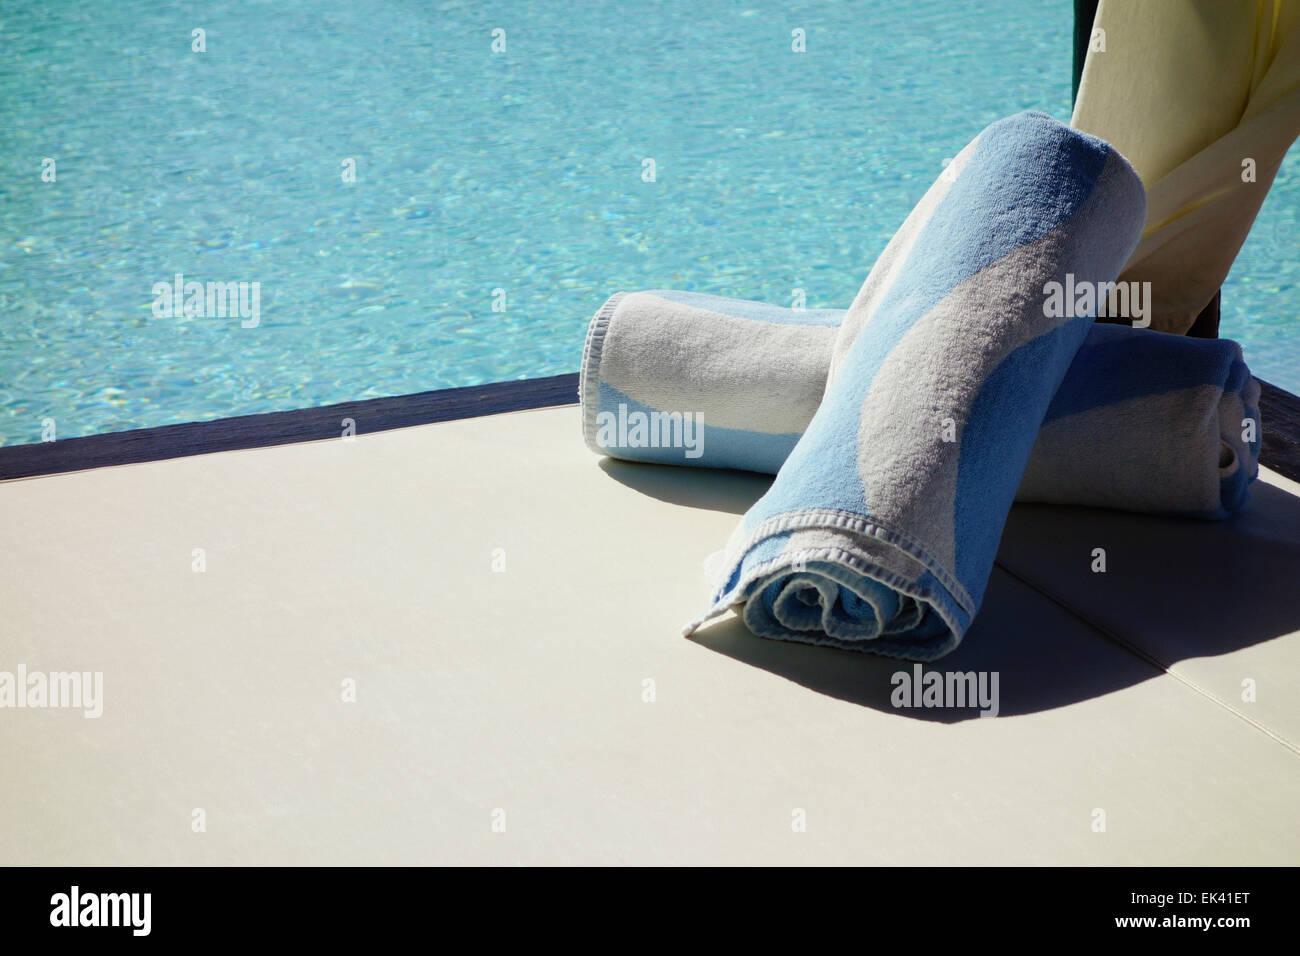 Pool Side Luxury Holidays Stock Photo